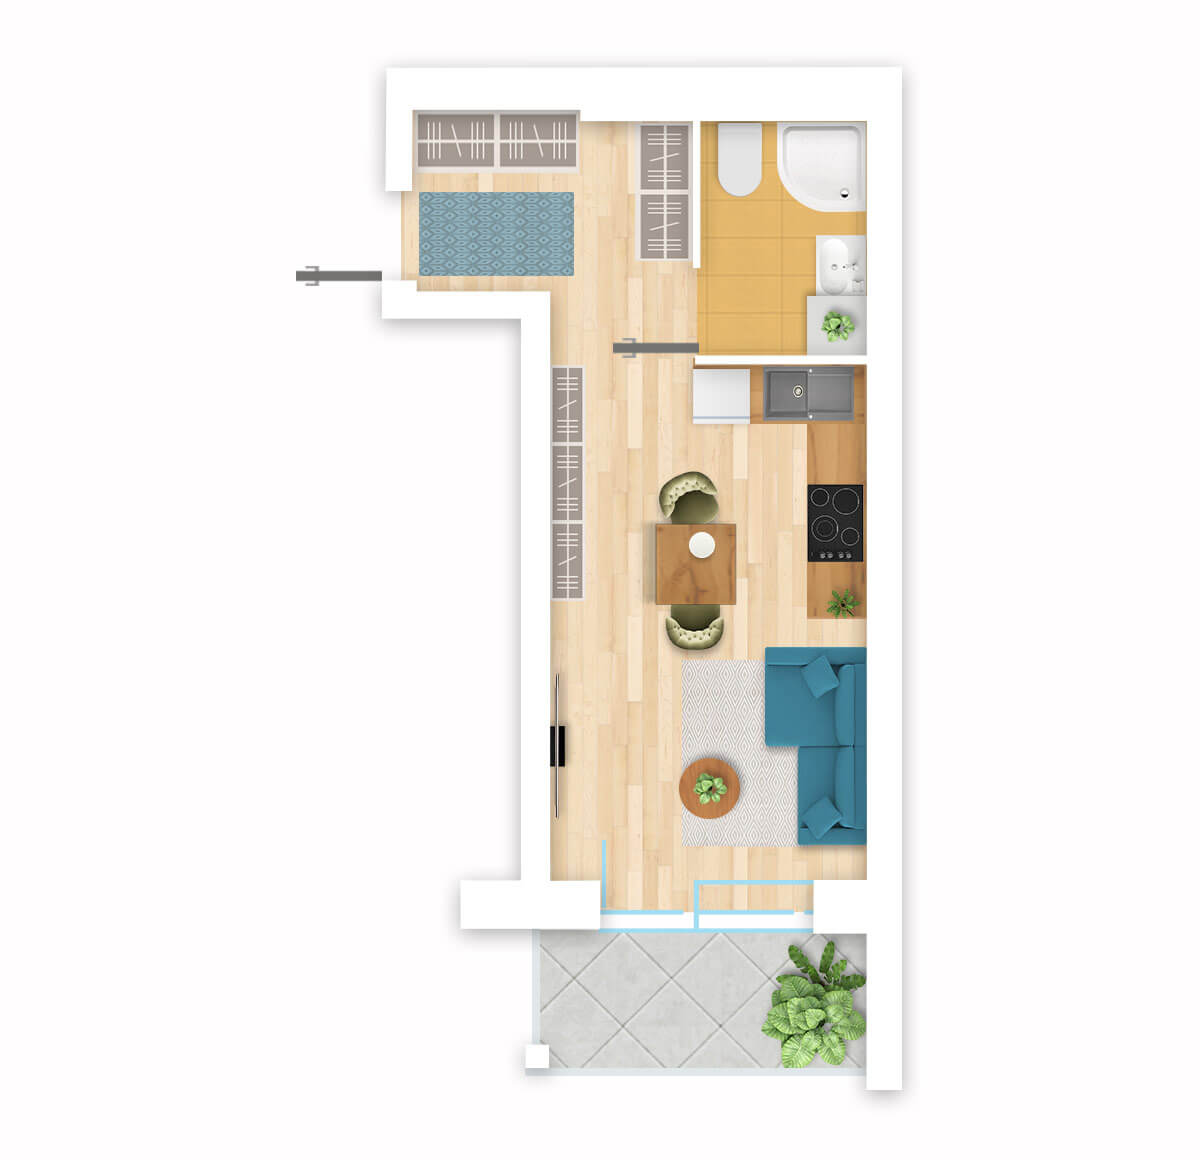 parduodamas butas Lazdynėlių g. 16C - 5 Vilniuje, buto 3D vaizdas